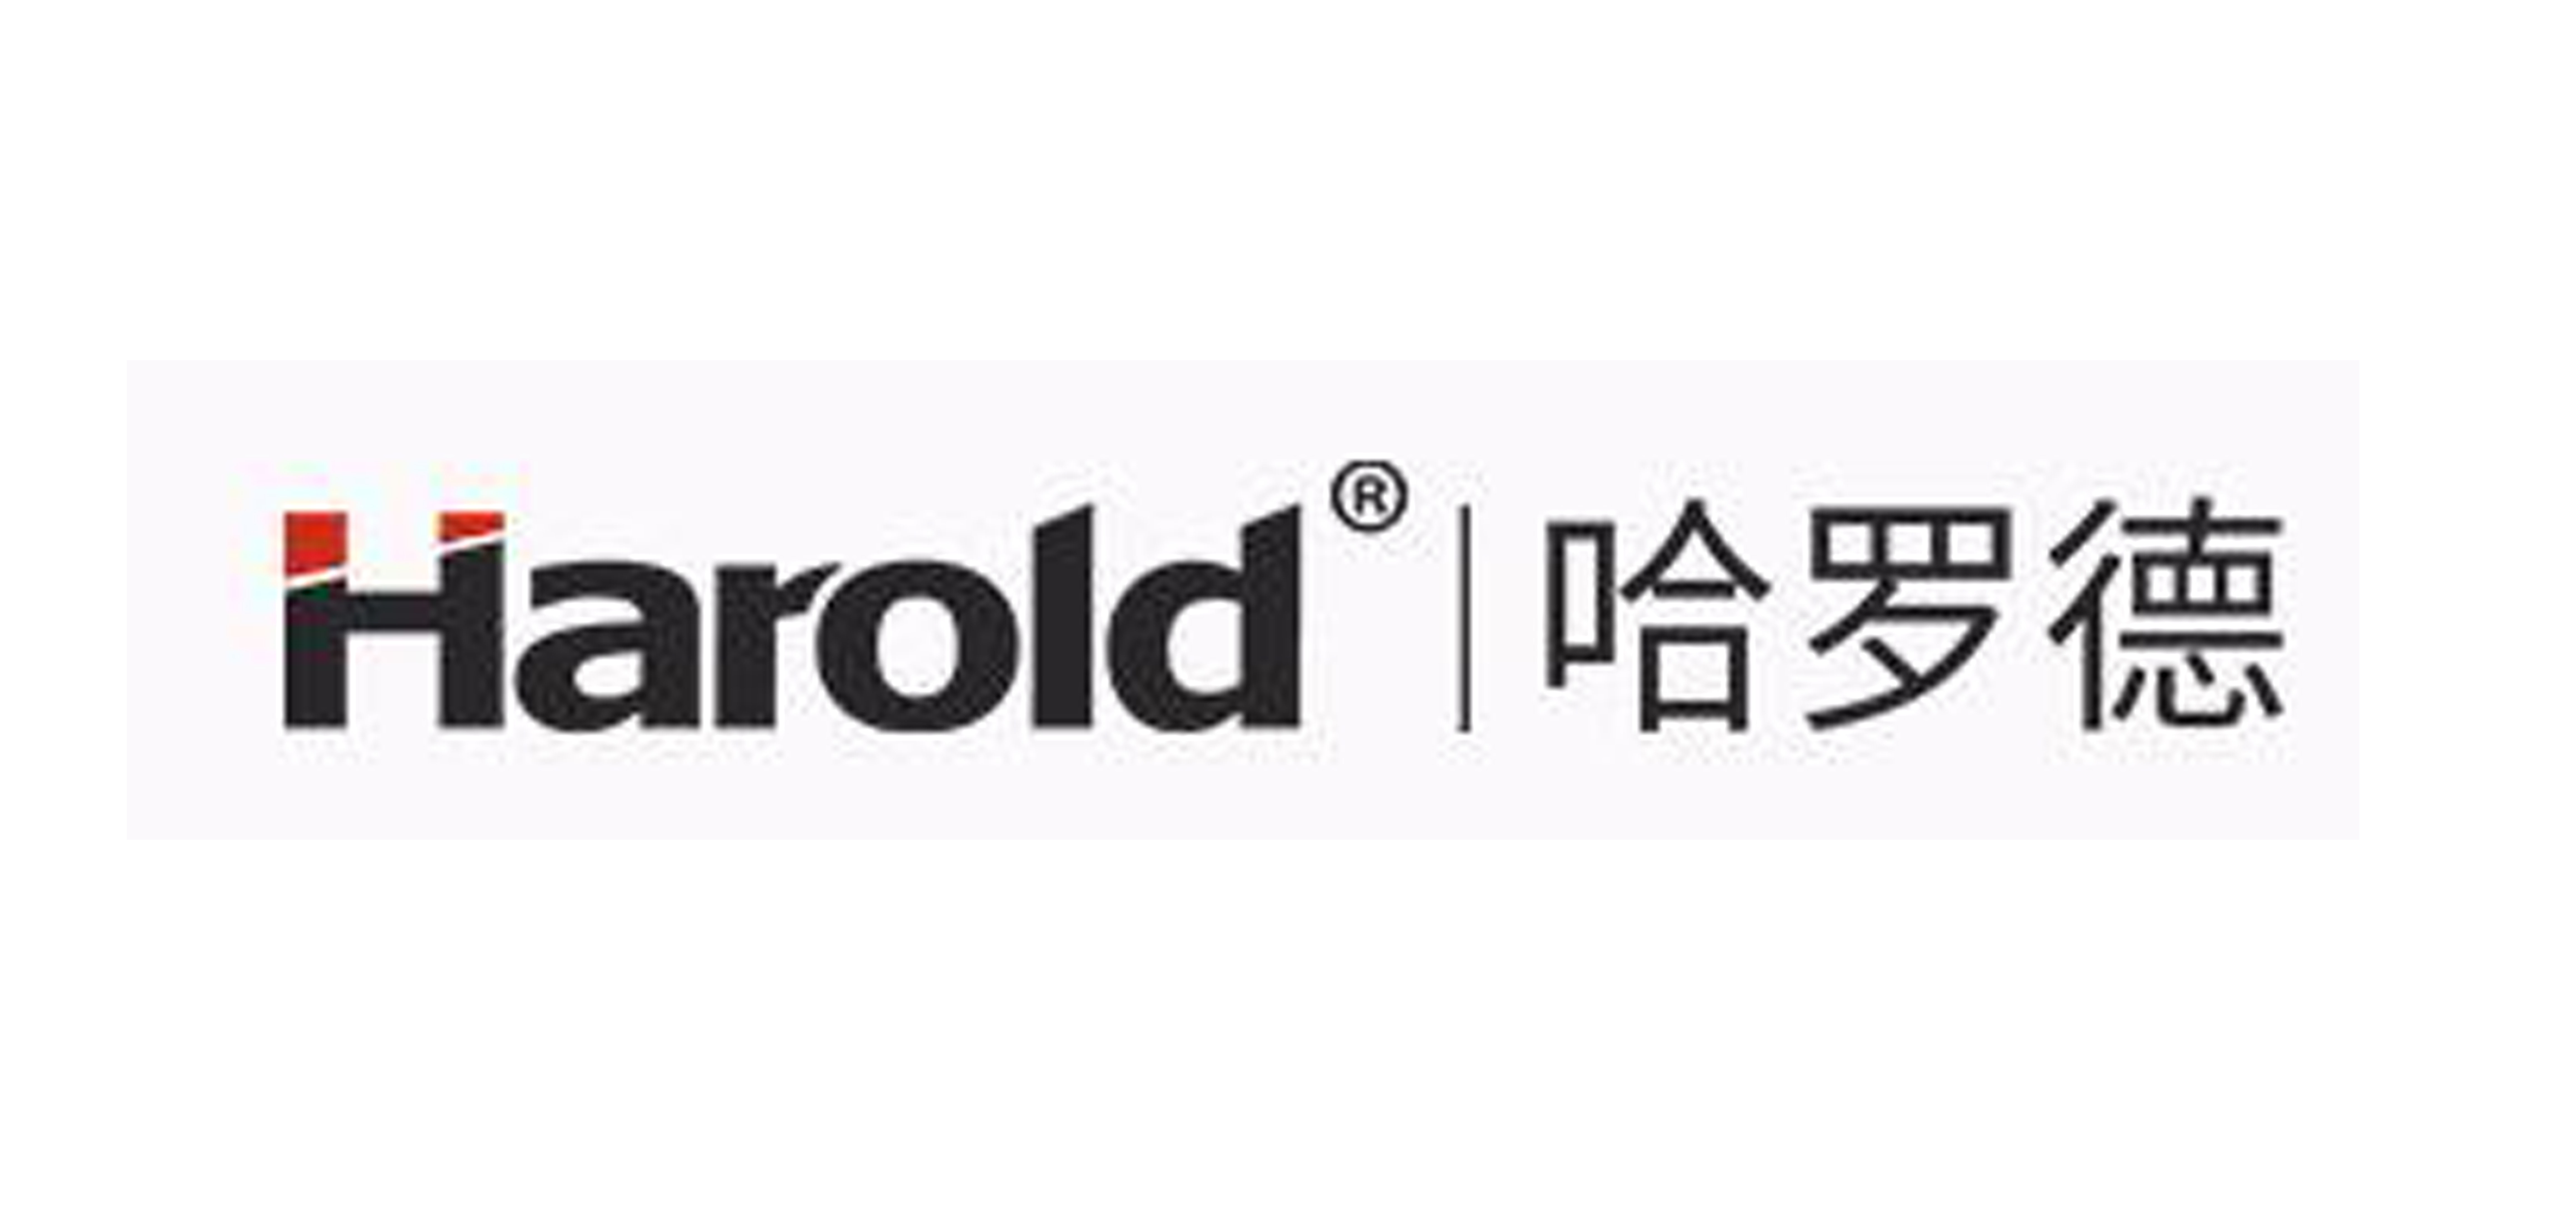 哈罗德是什么牌子_哈罗德品牌怎么样?